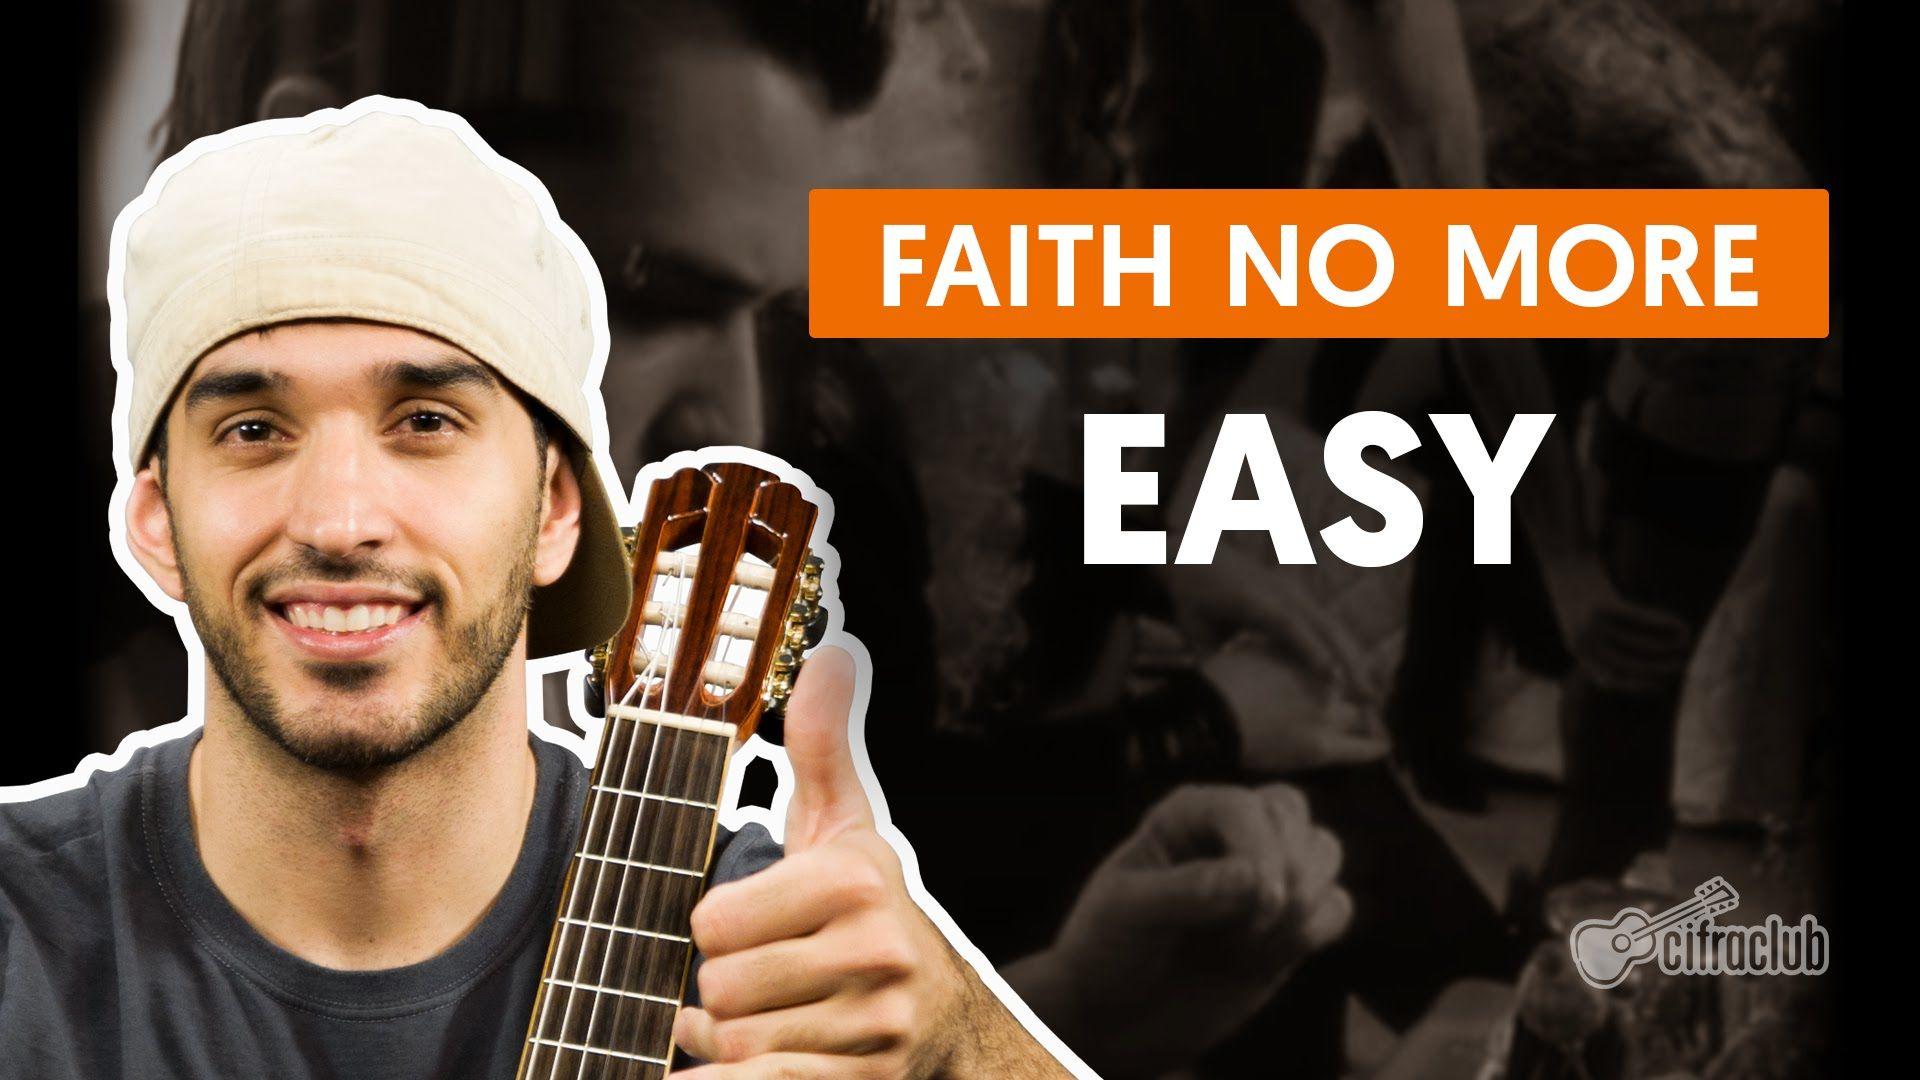 Easy - Faith No More (aula de violão completa)